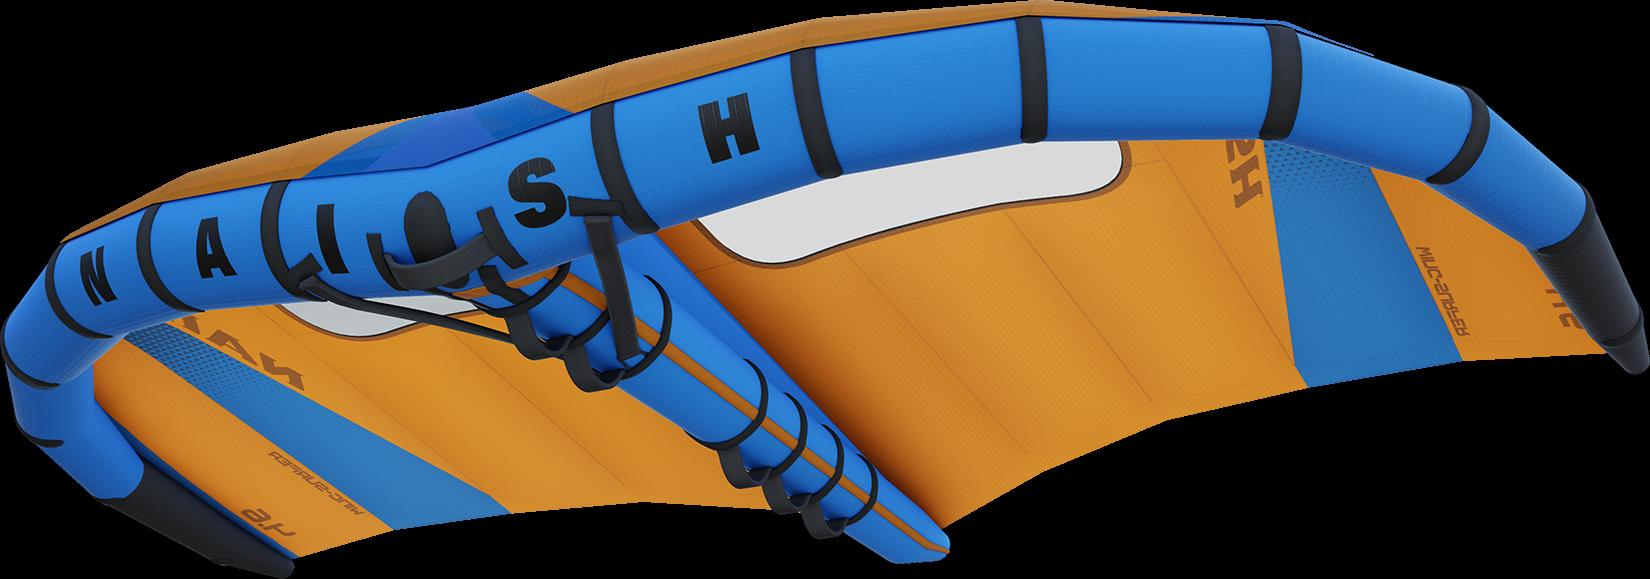 Naish Wing Surfer S26